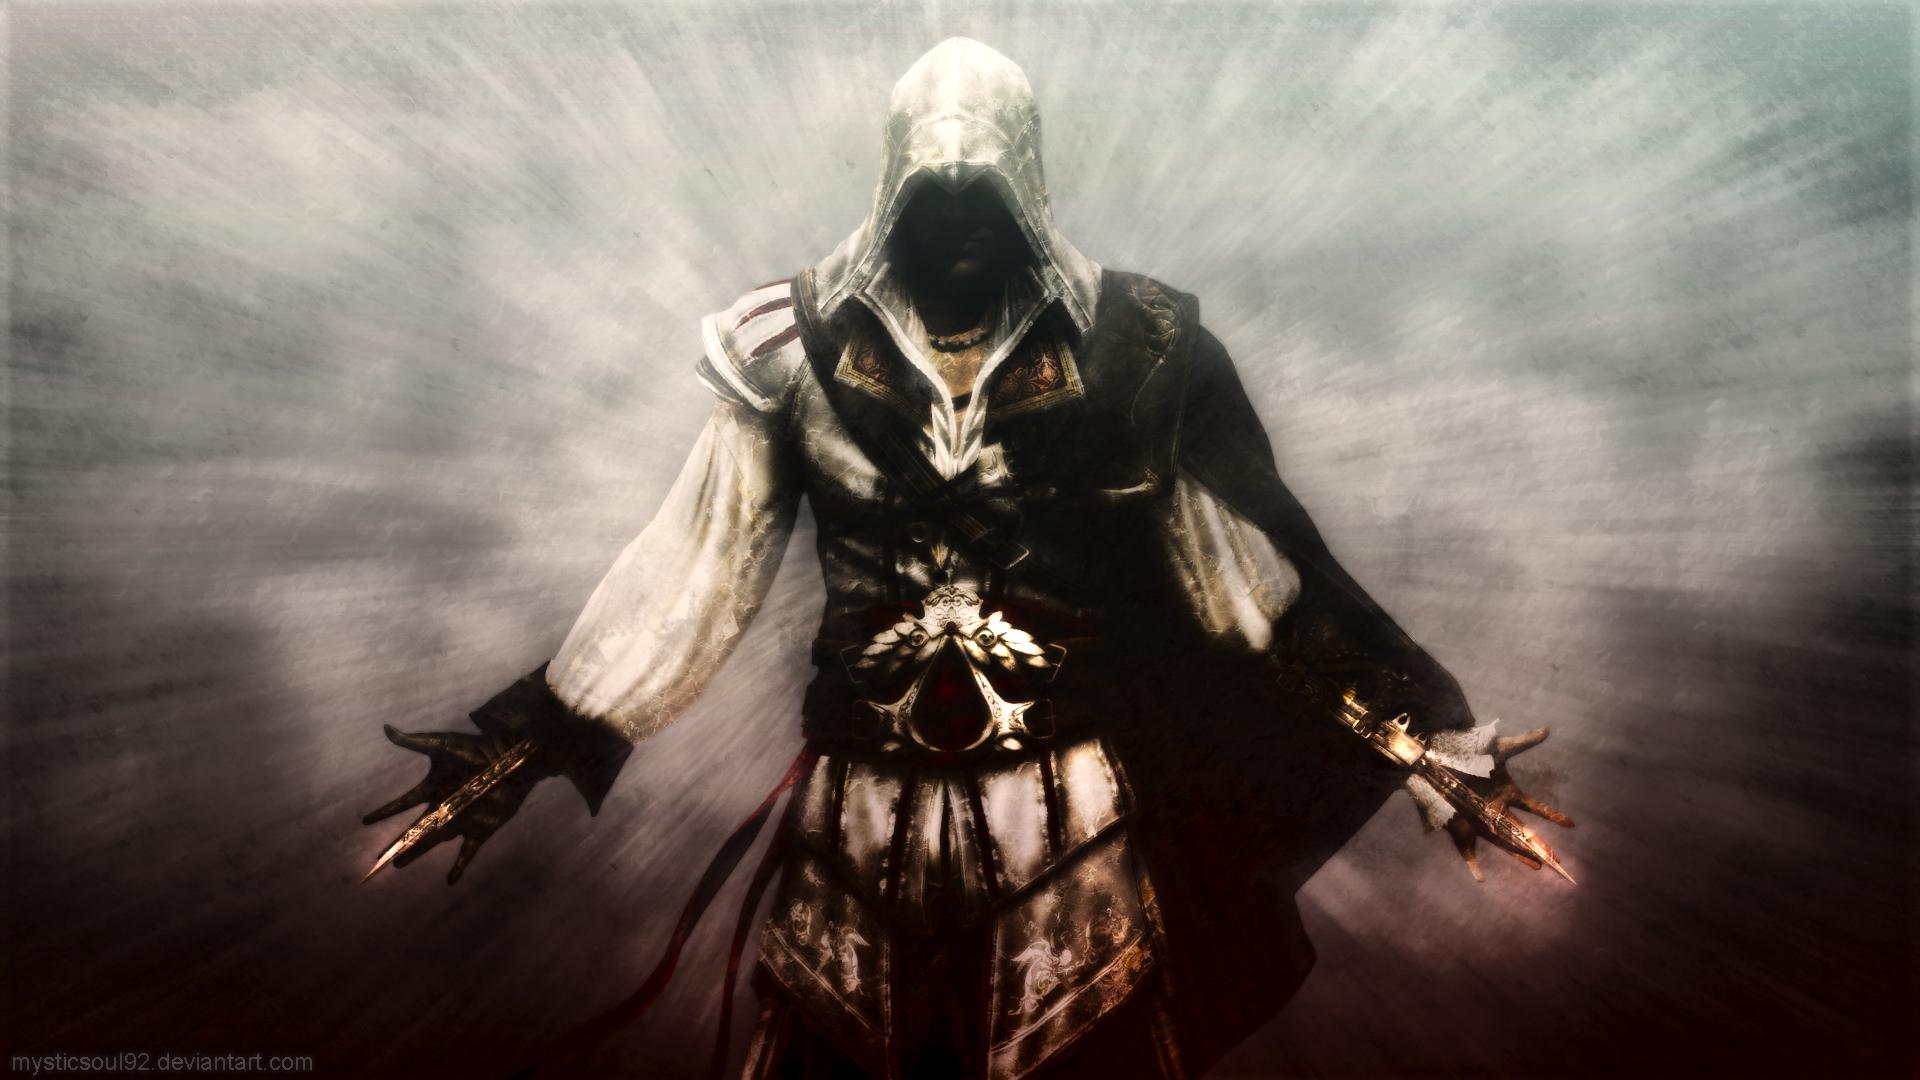 игры ezio auditore assassins creed revelations в хорошем качестве